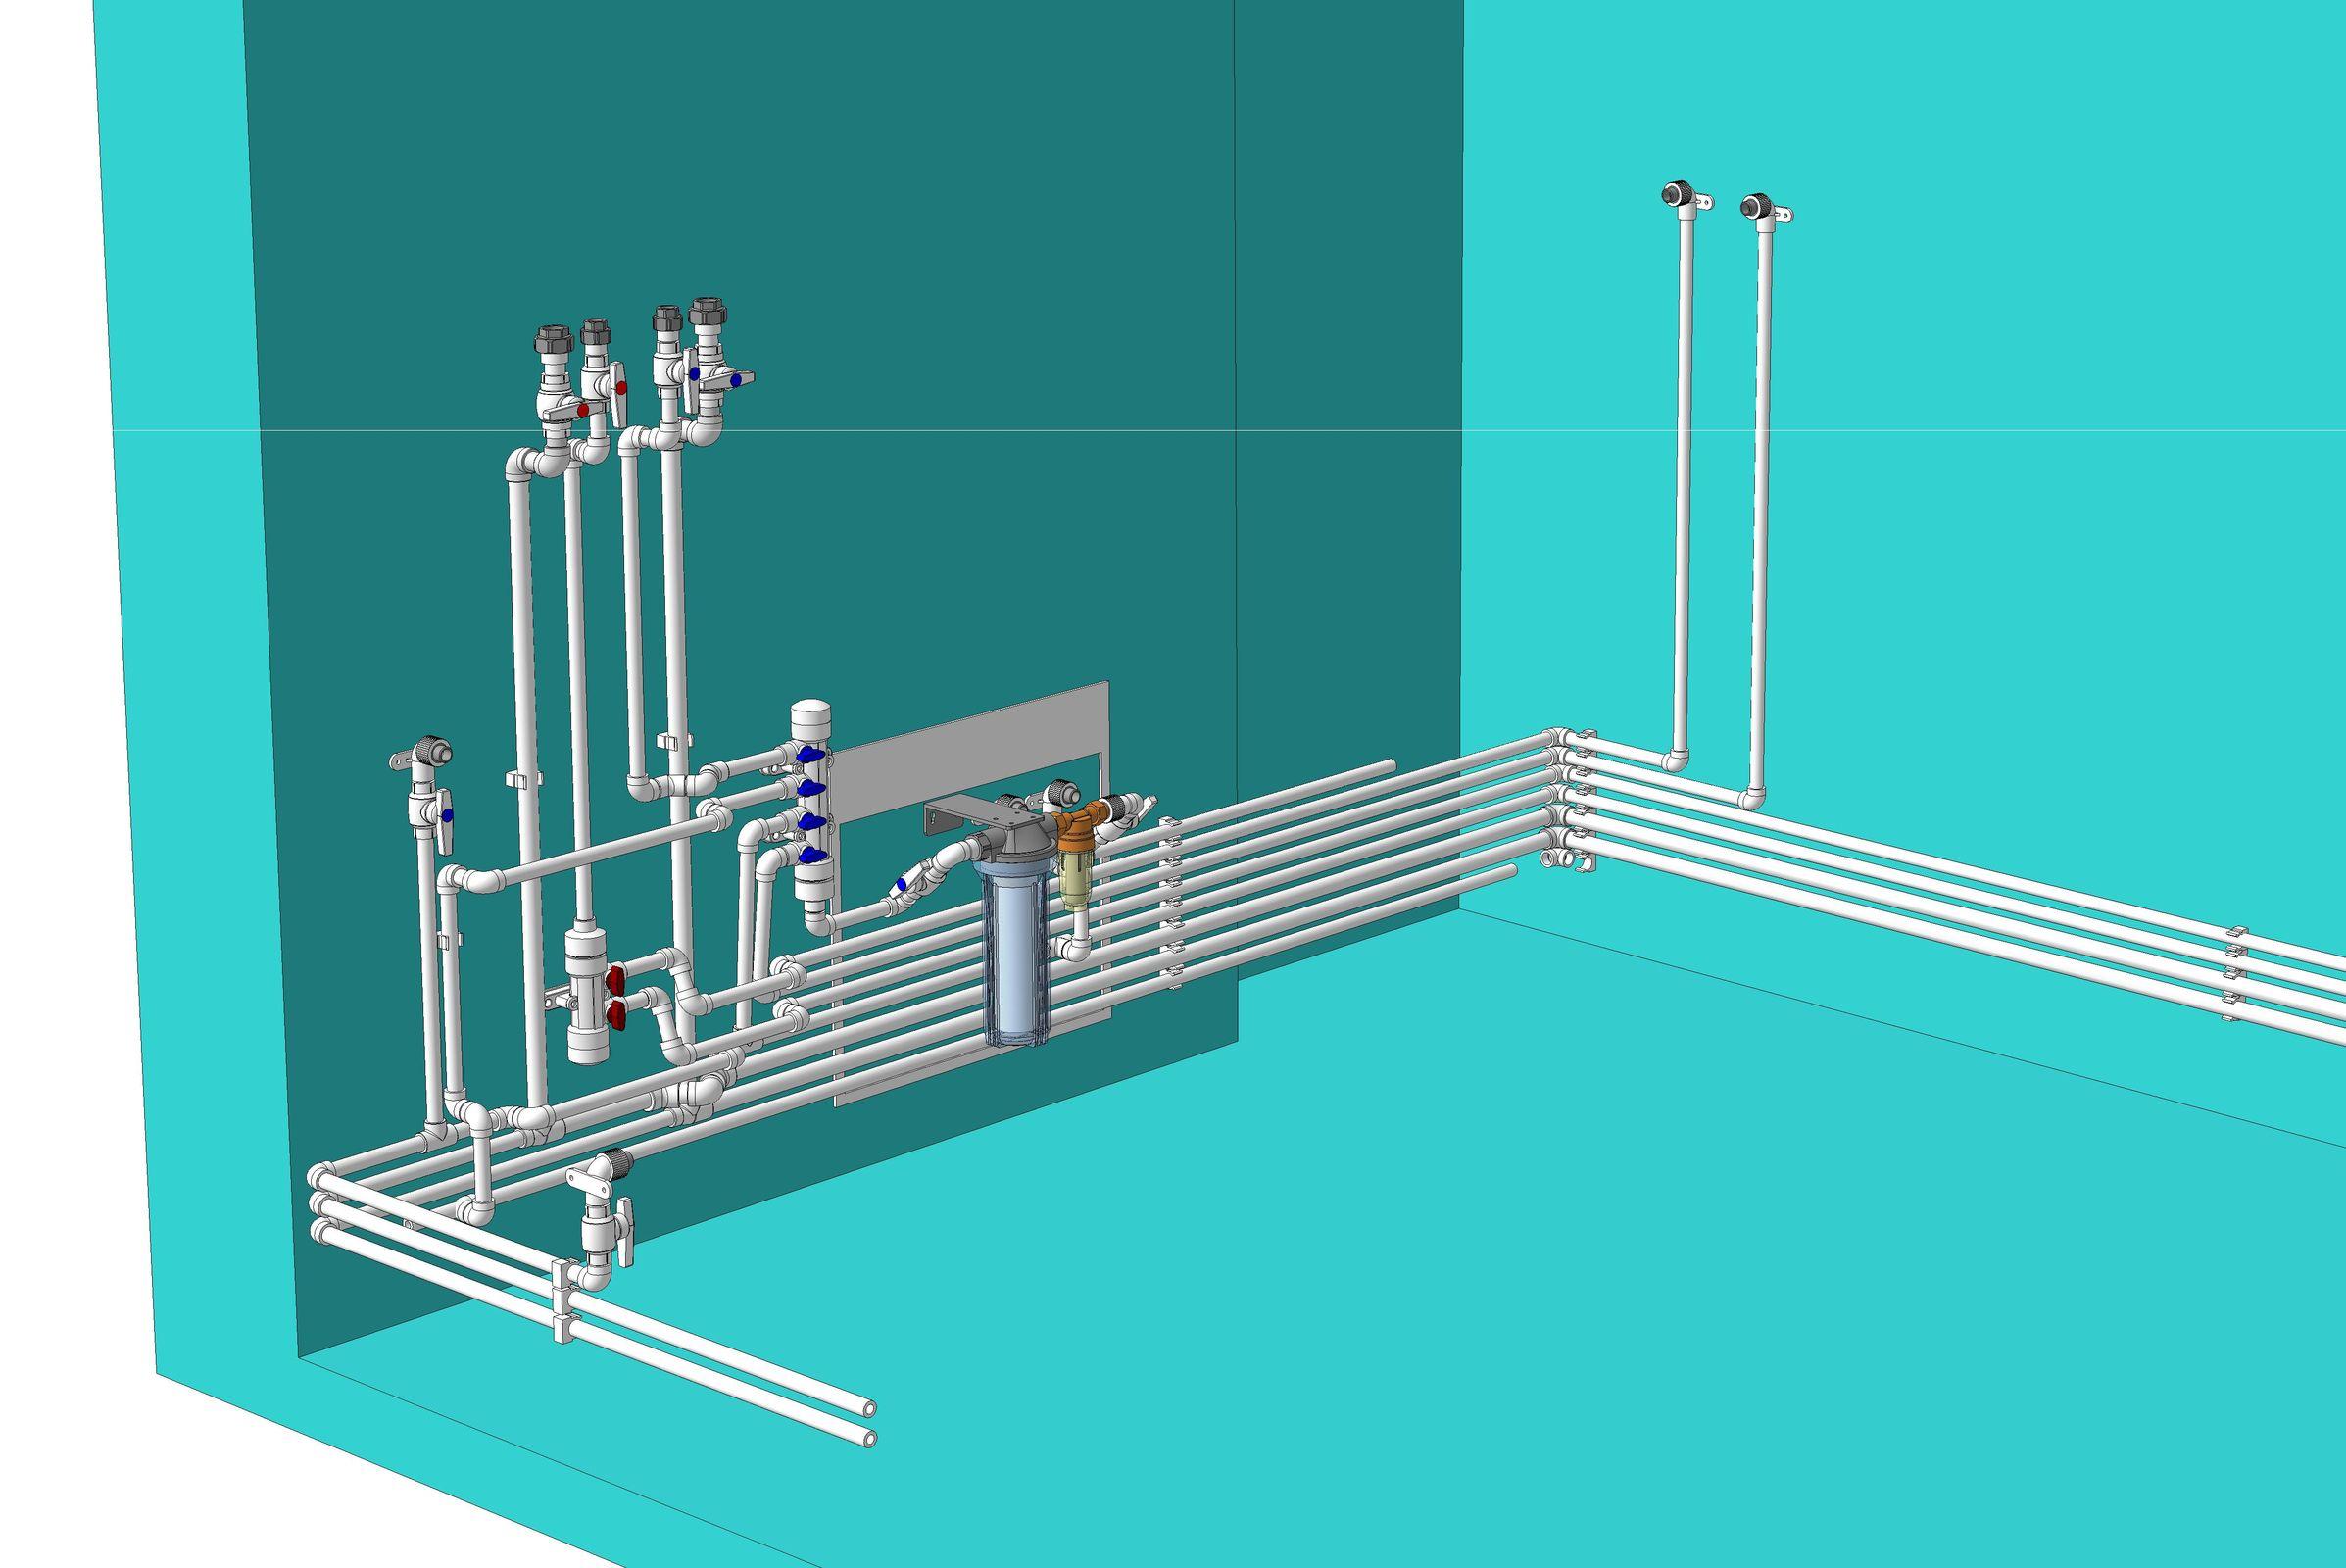 Как методом холодной сварки отремонтировать трубы с горячей водой